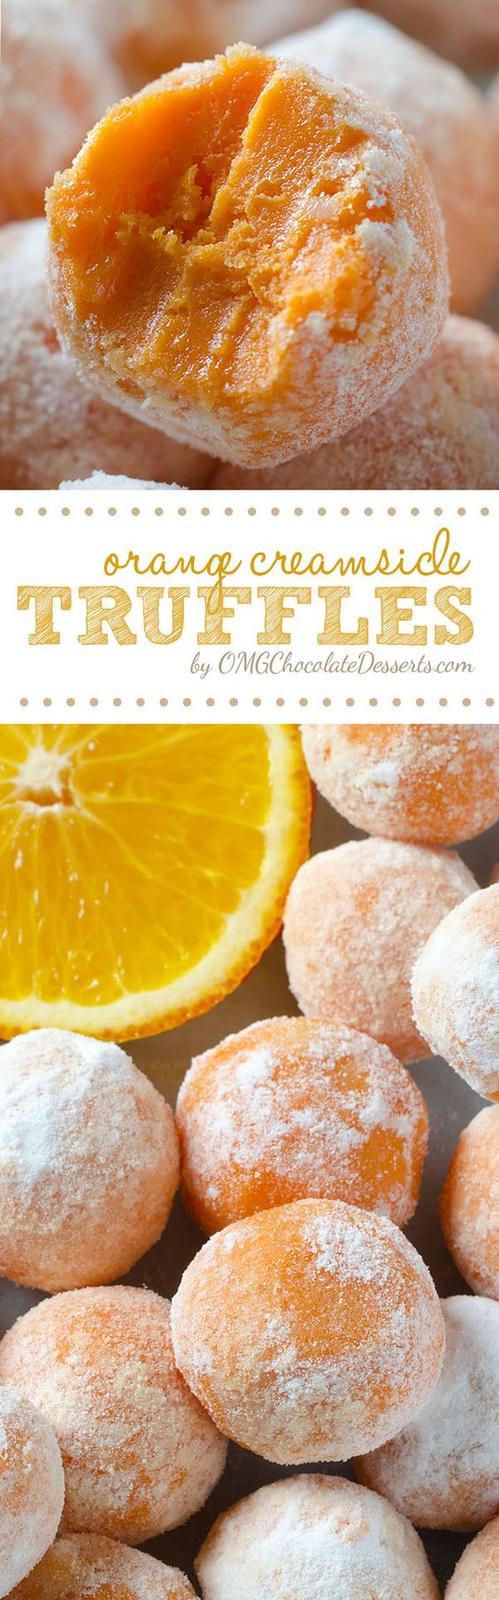 Americké koláčky - White Chocolate Orange Creamsicle Truffles